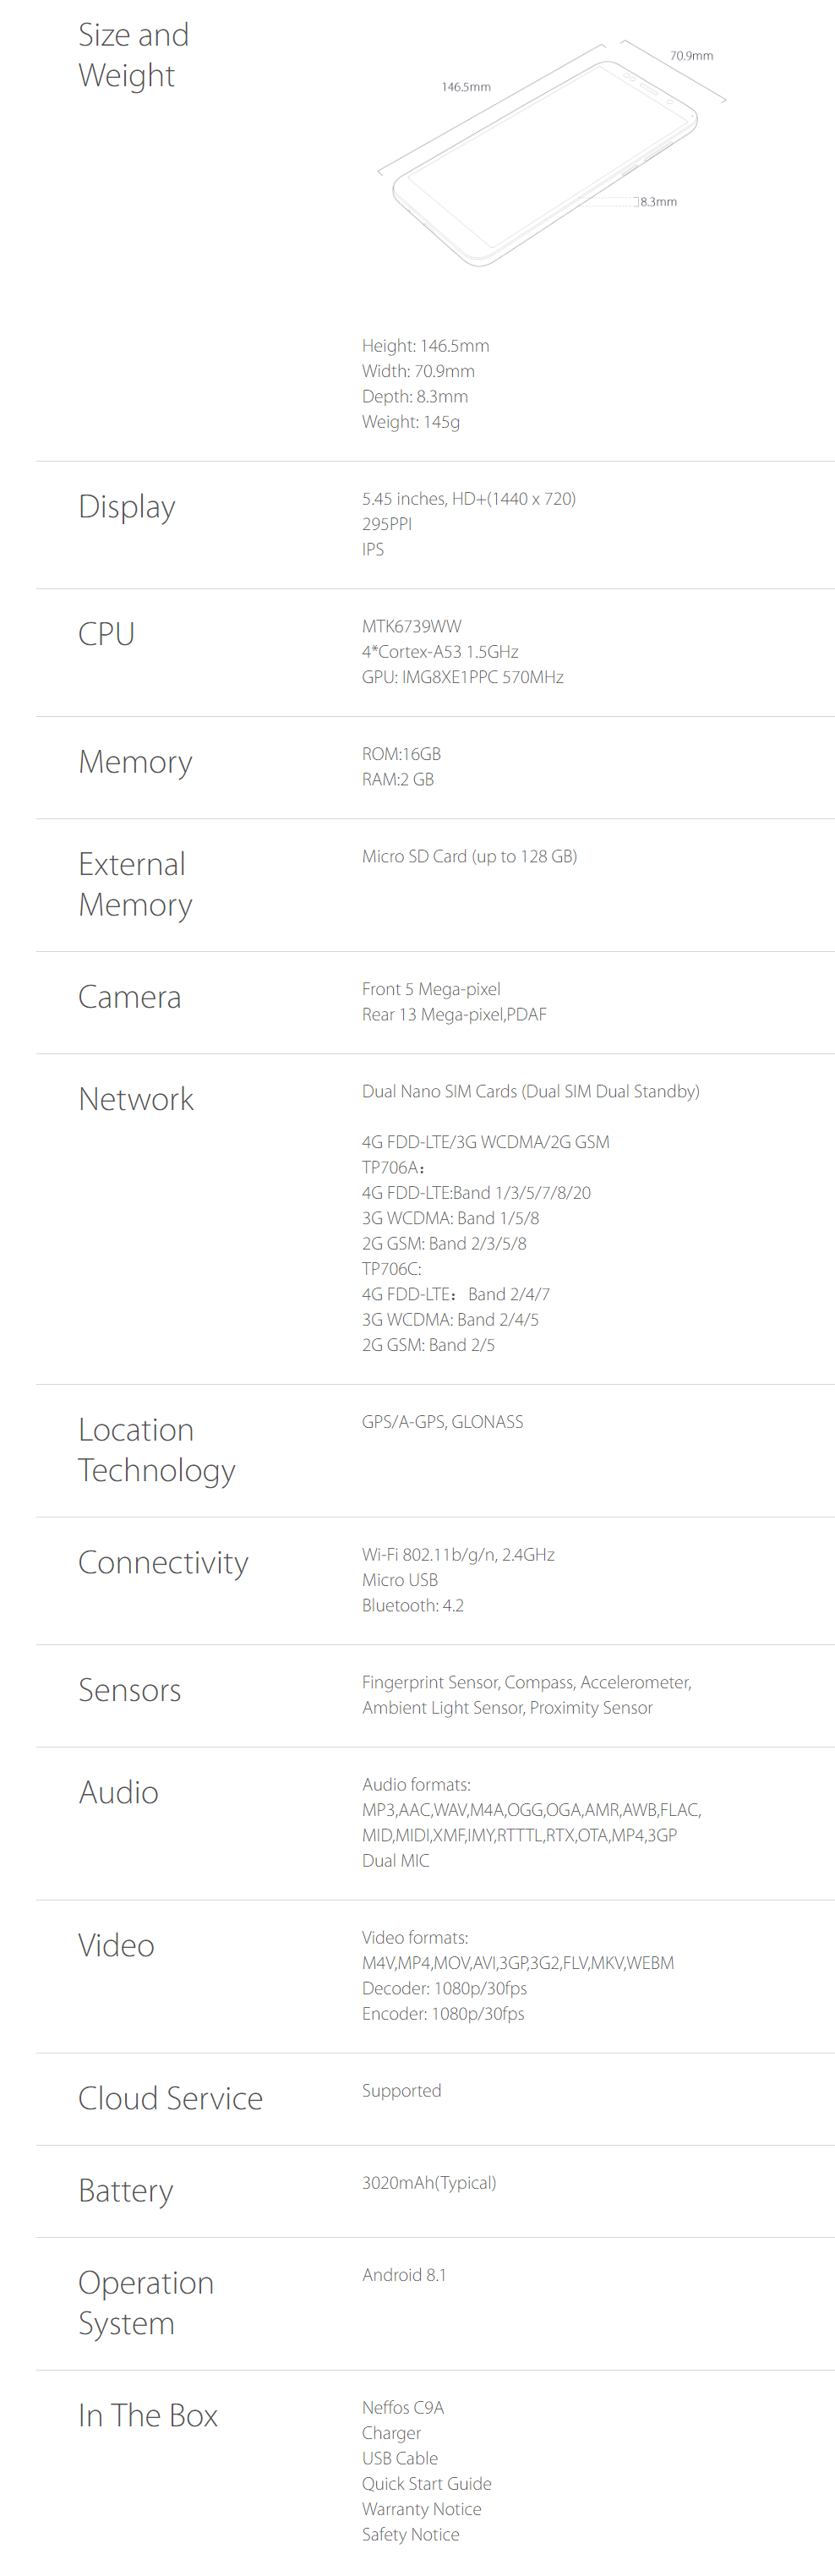 Neffos C9A 16GB LTE (Silver)